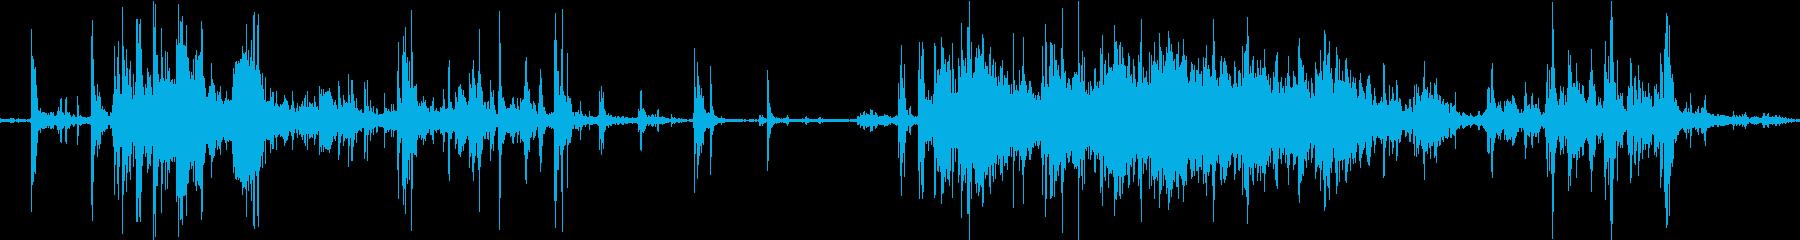 〜癒し音〜製氷機の氷をすくう音♪の再生済みの波形